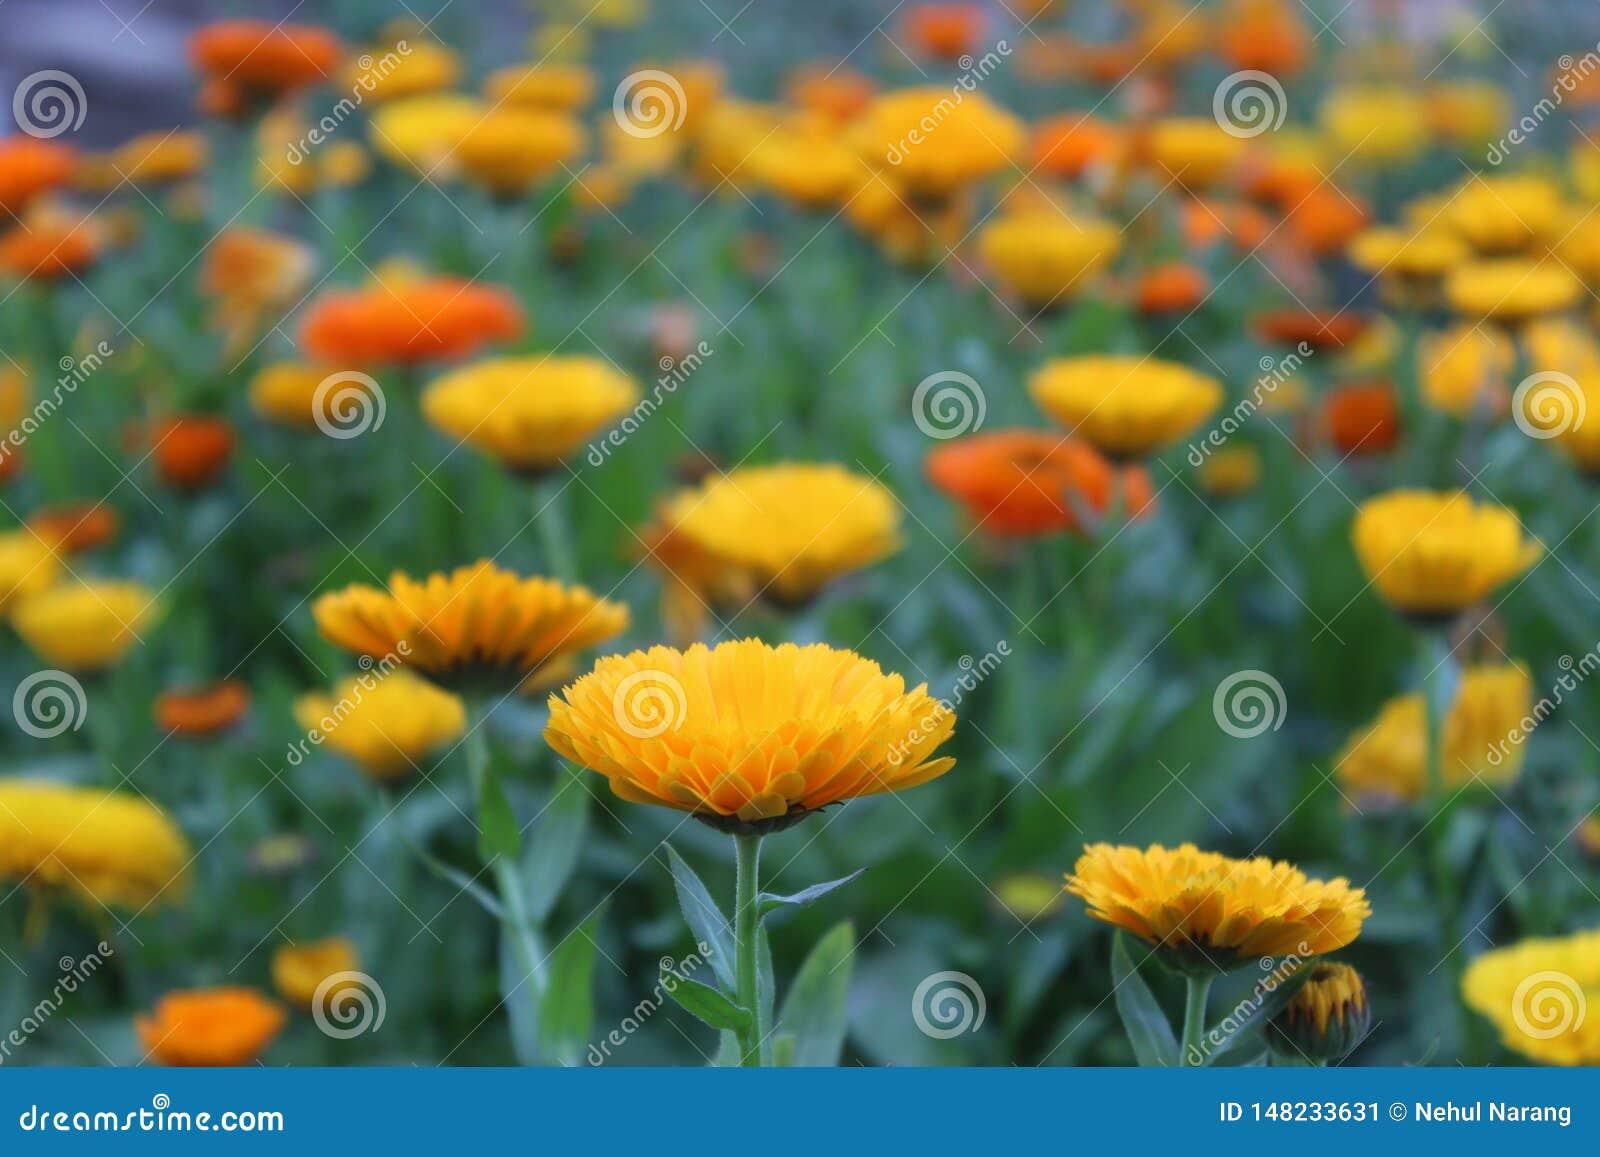 Eine schöne gelbe Blume in einem Blumenstrauß im hellen Sonnenlicht im Garten